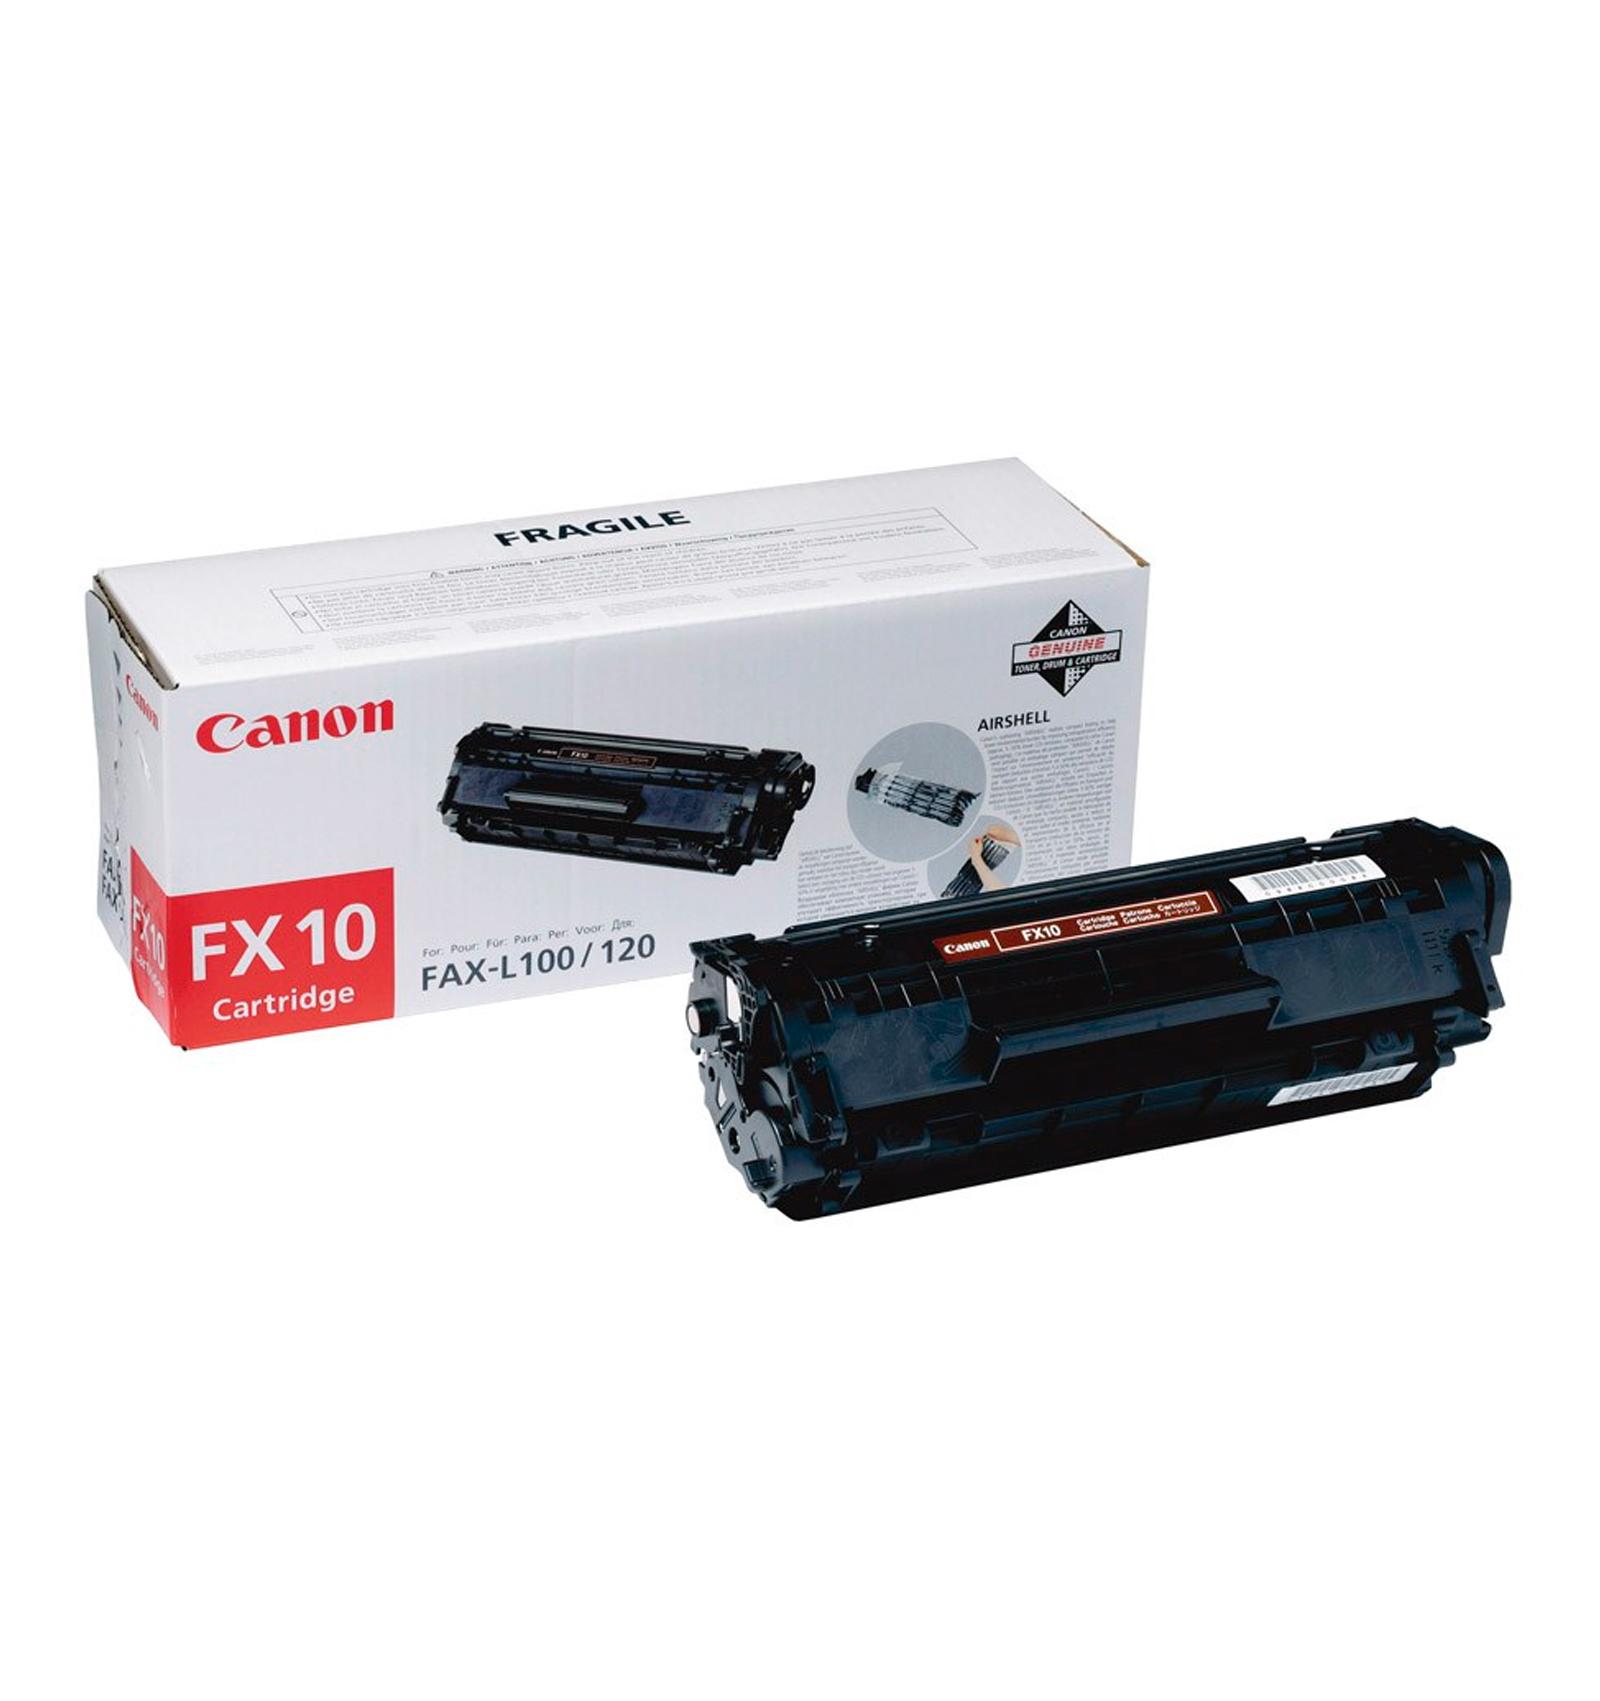 Заправка тонером картриджа Canon FX-10 для FAX L100/L120, i-SENSYS MF4120 MF4140/MF4150